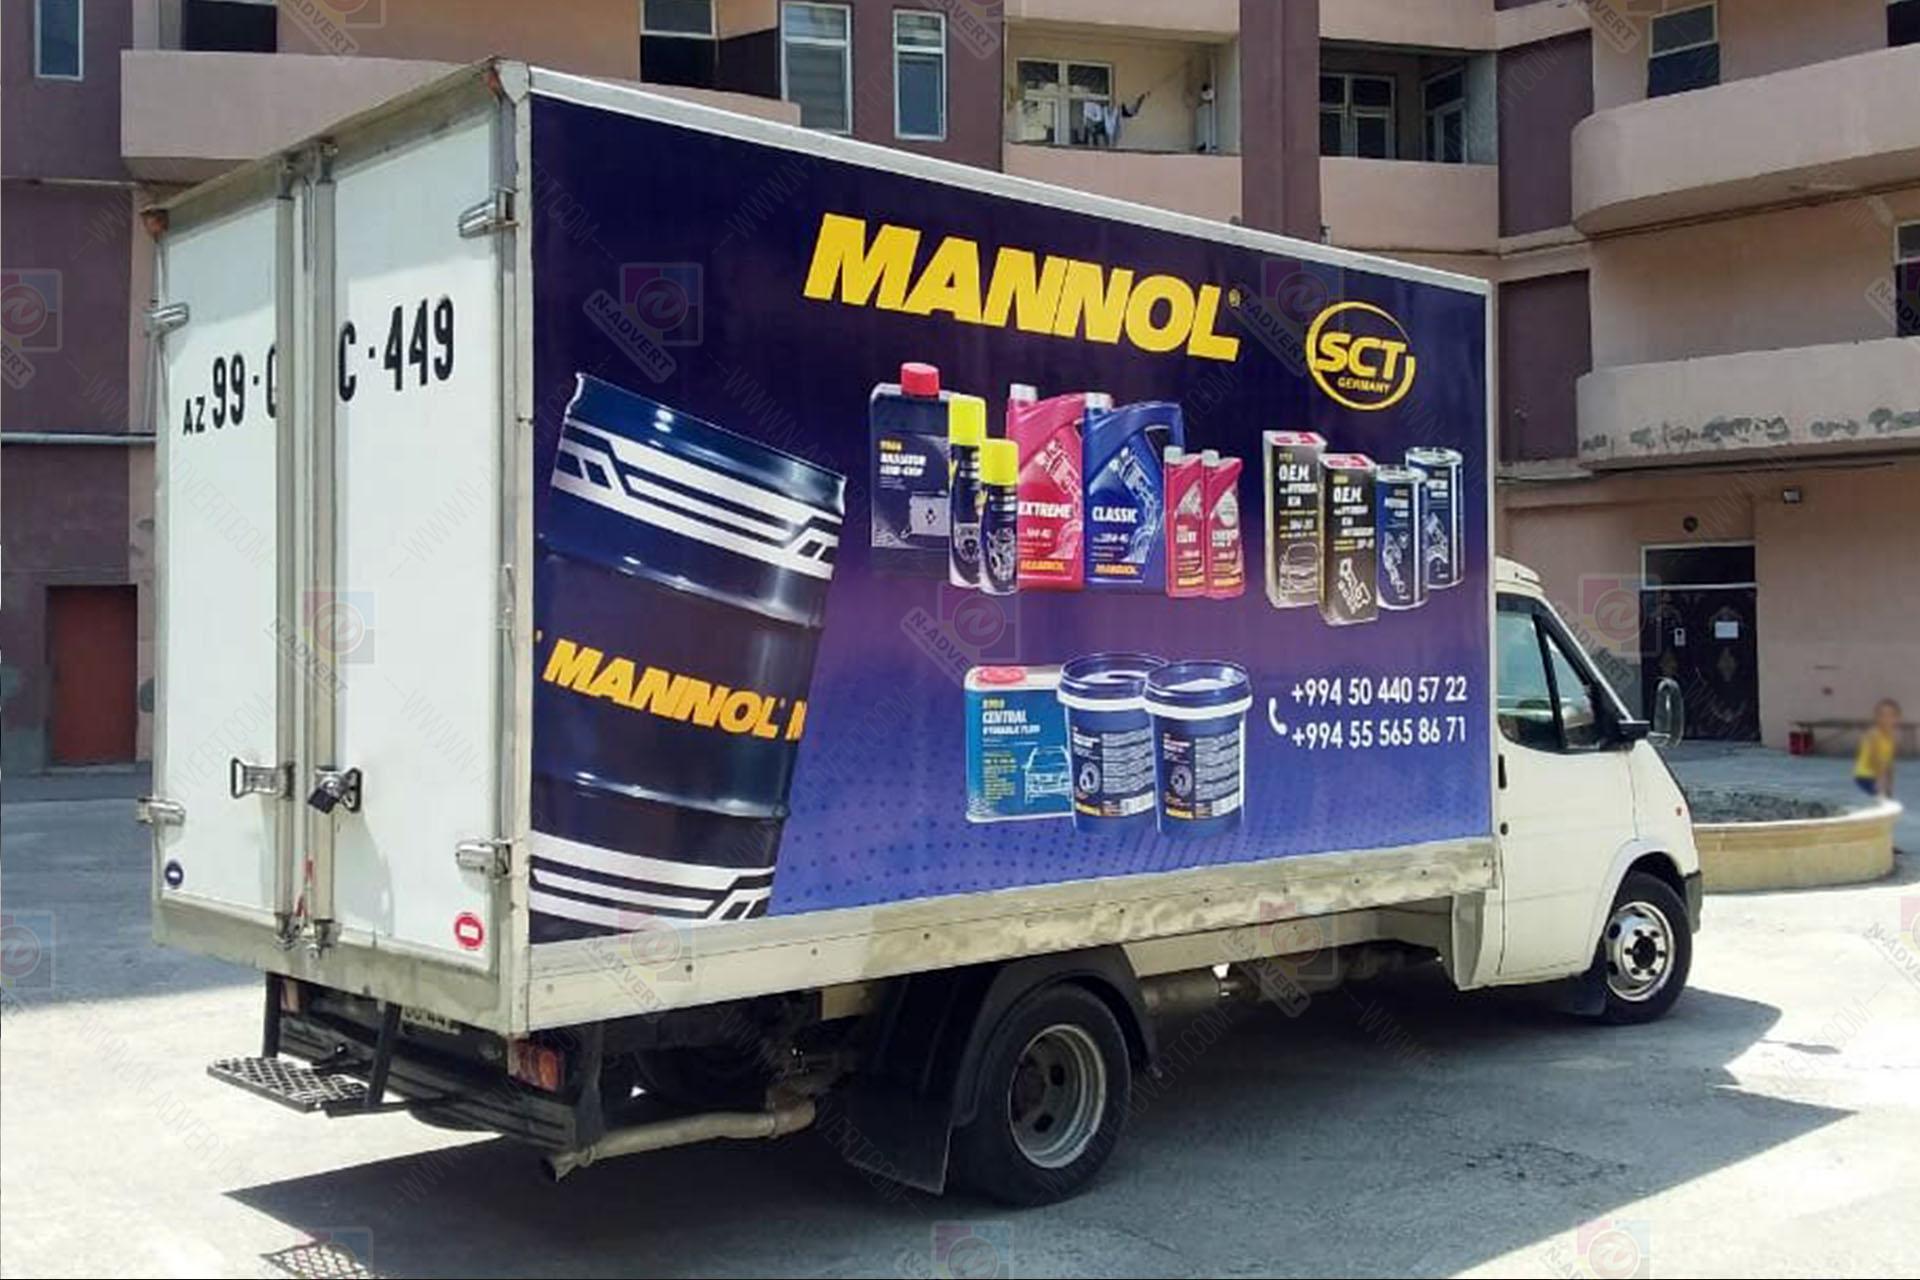 Mannol 1920x1280